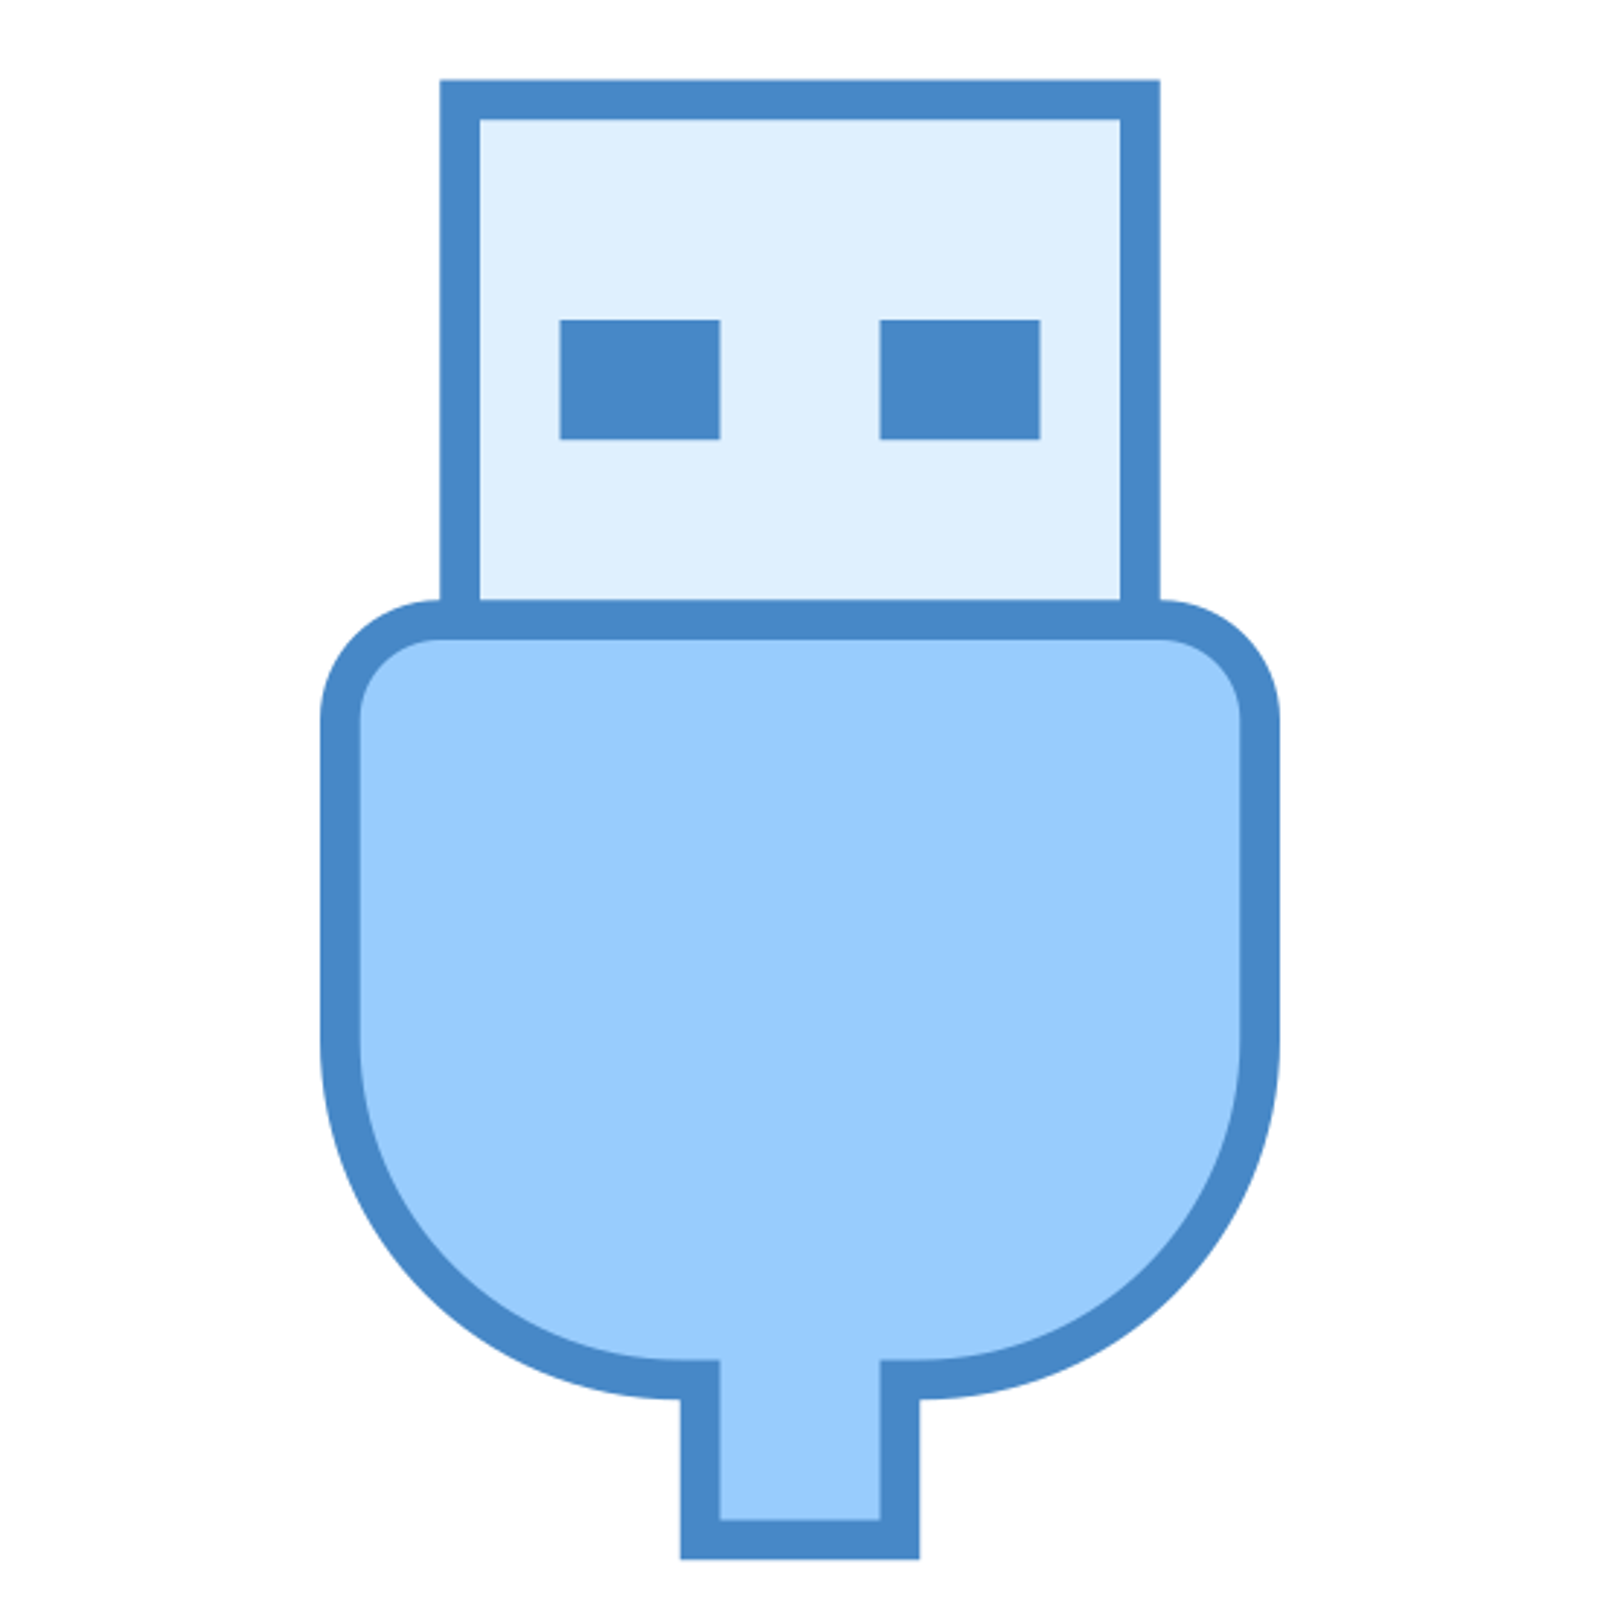 USB 2 icon